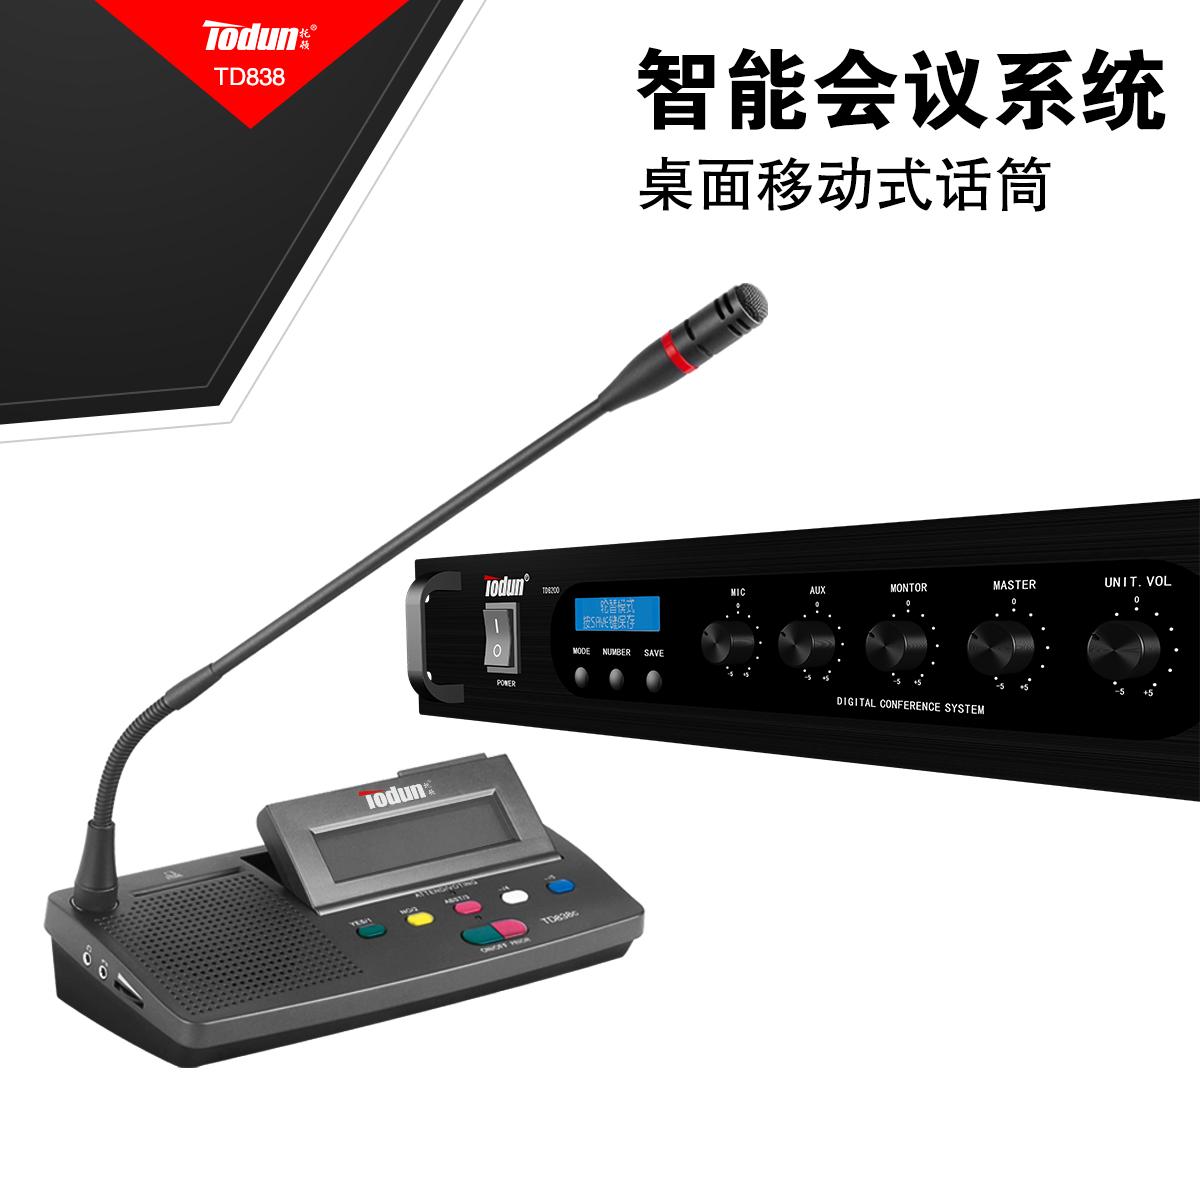 视频会议系统所需设备,263会议系统登陆,263会议系统手机客户端,视频会议系统方案,办公视频会议系统